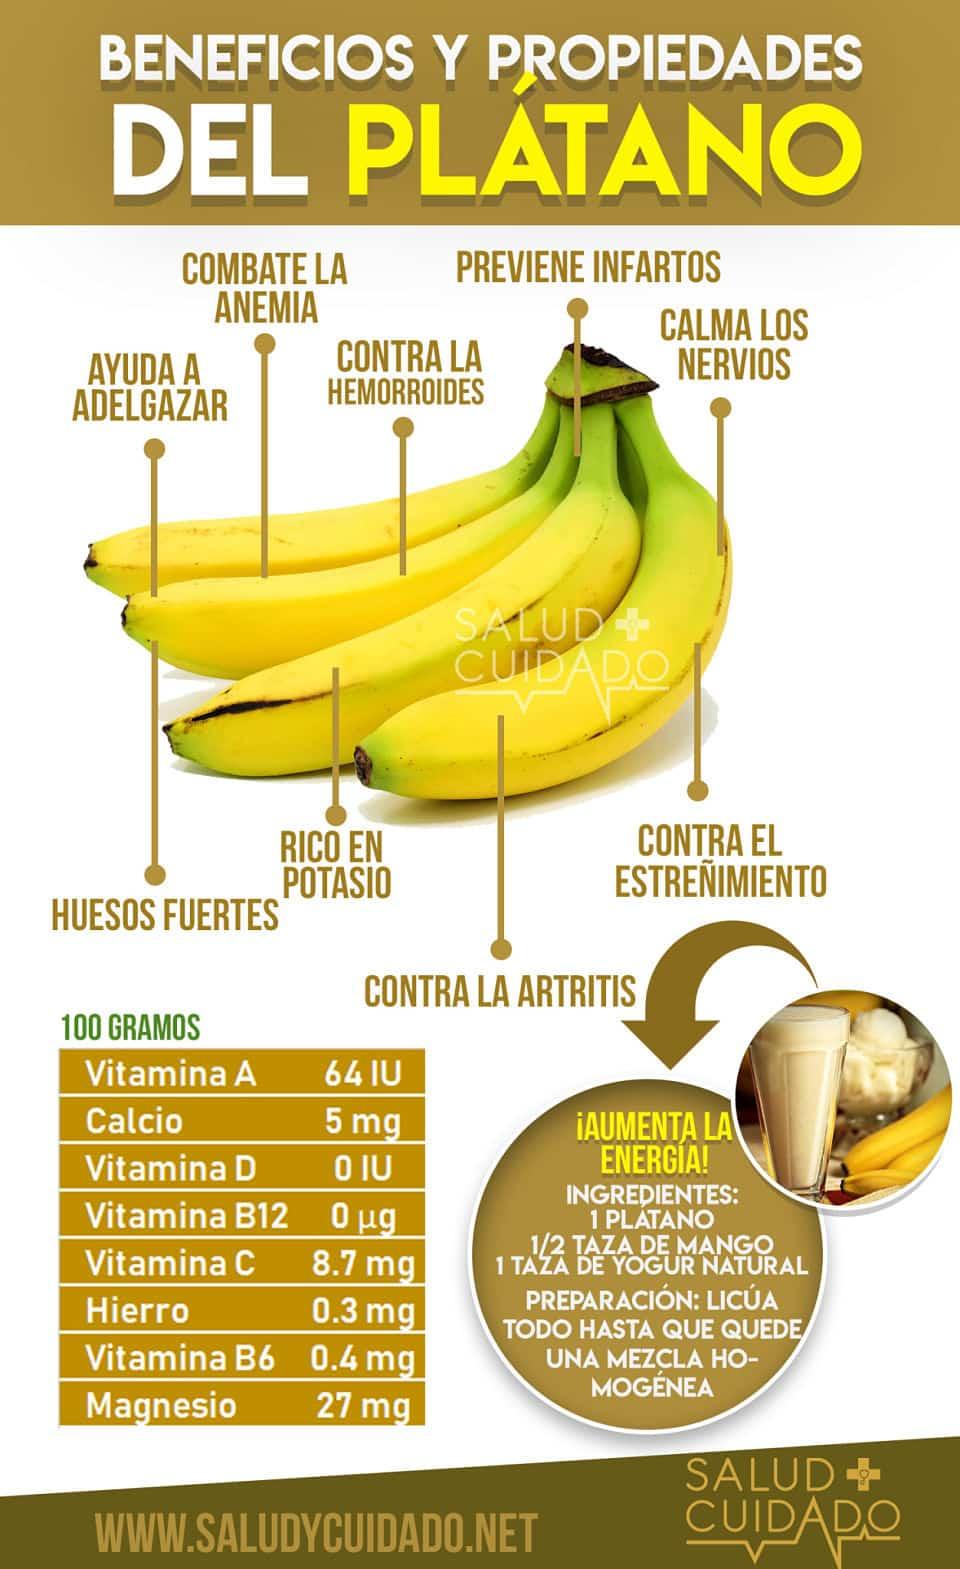 Beneficios del plátano y propiedades infografia